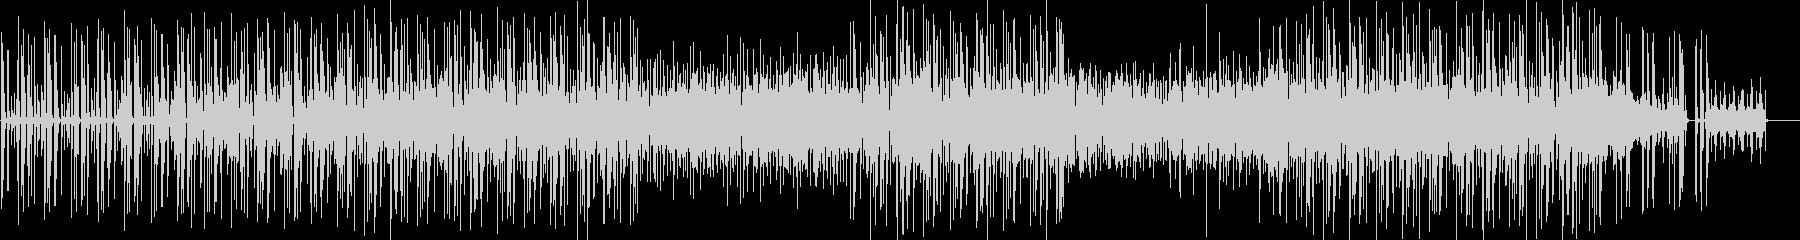 クールなギターのミニマルファンクの未再生の波形